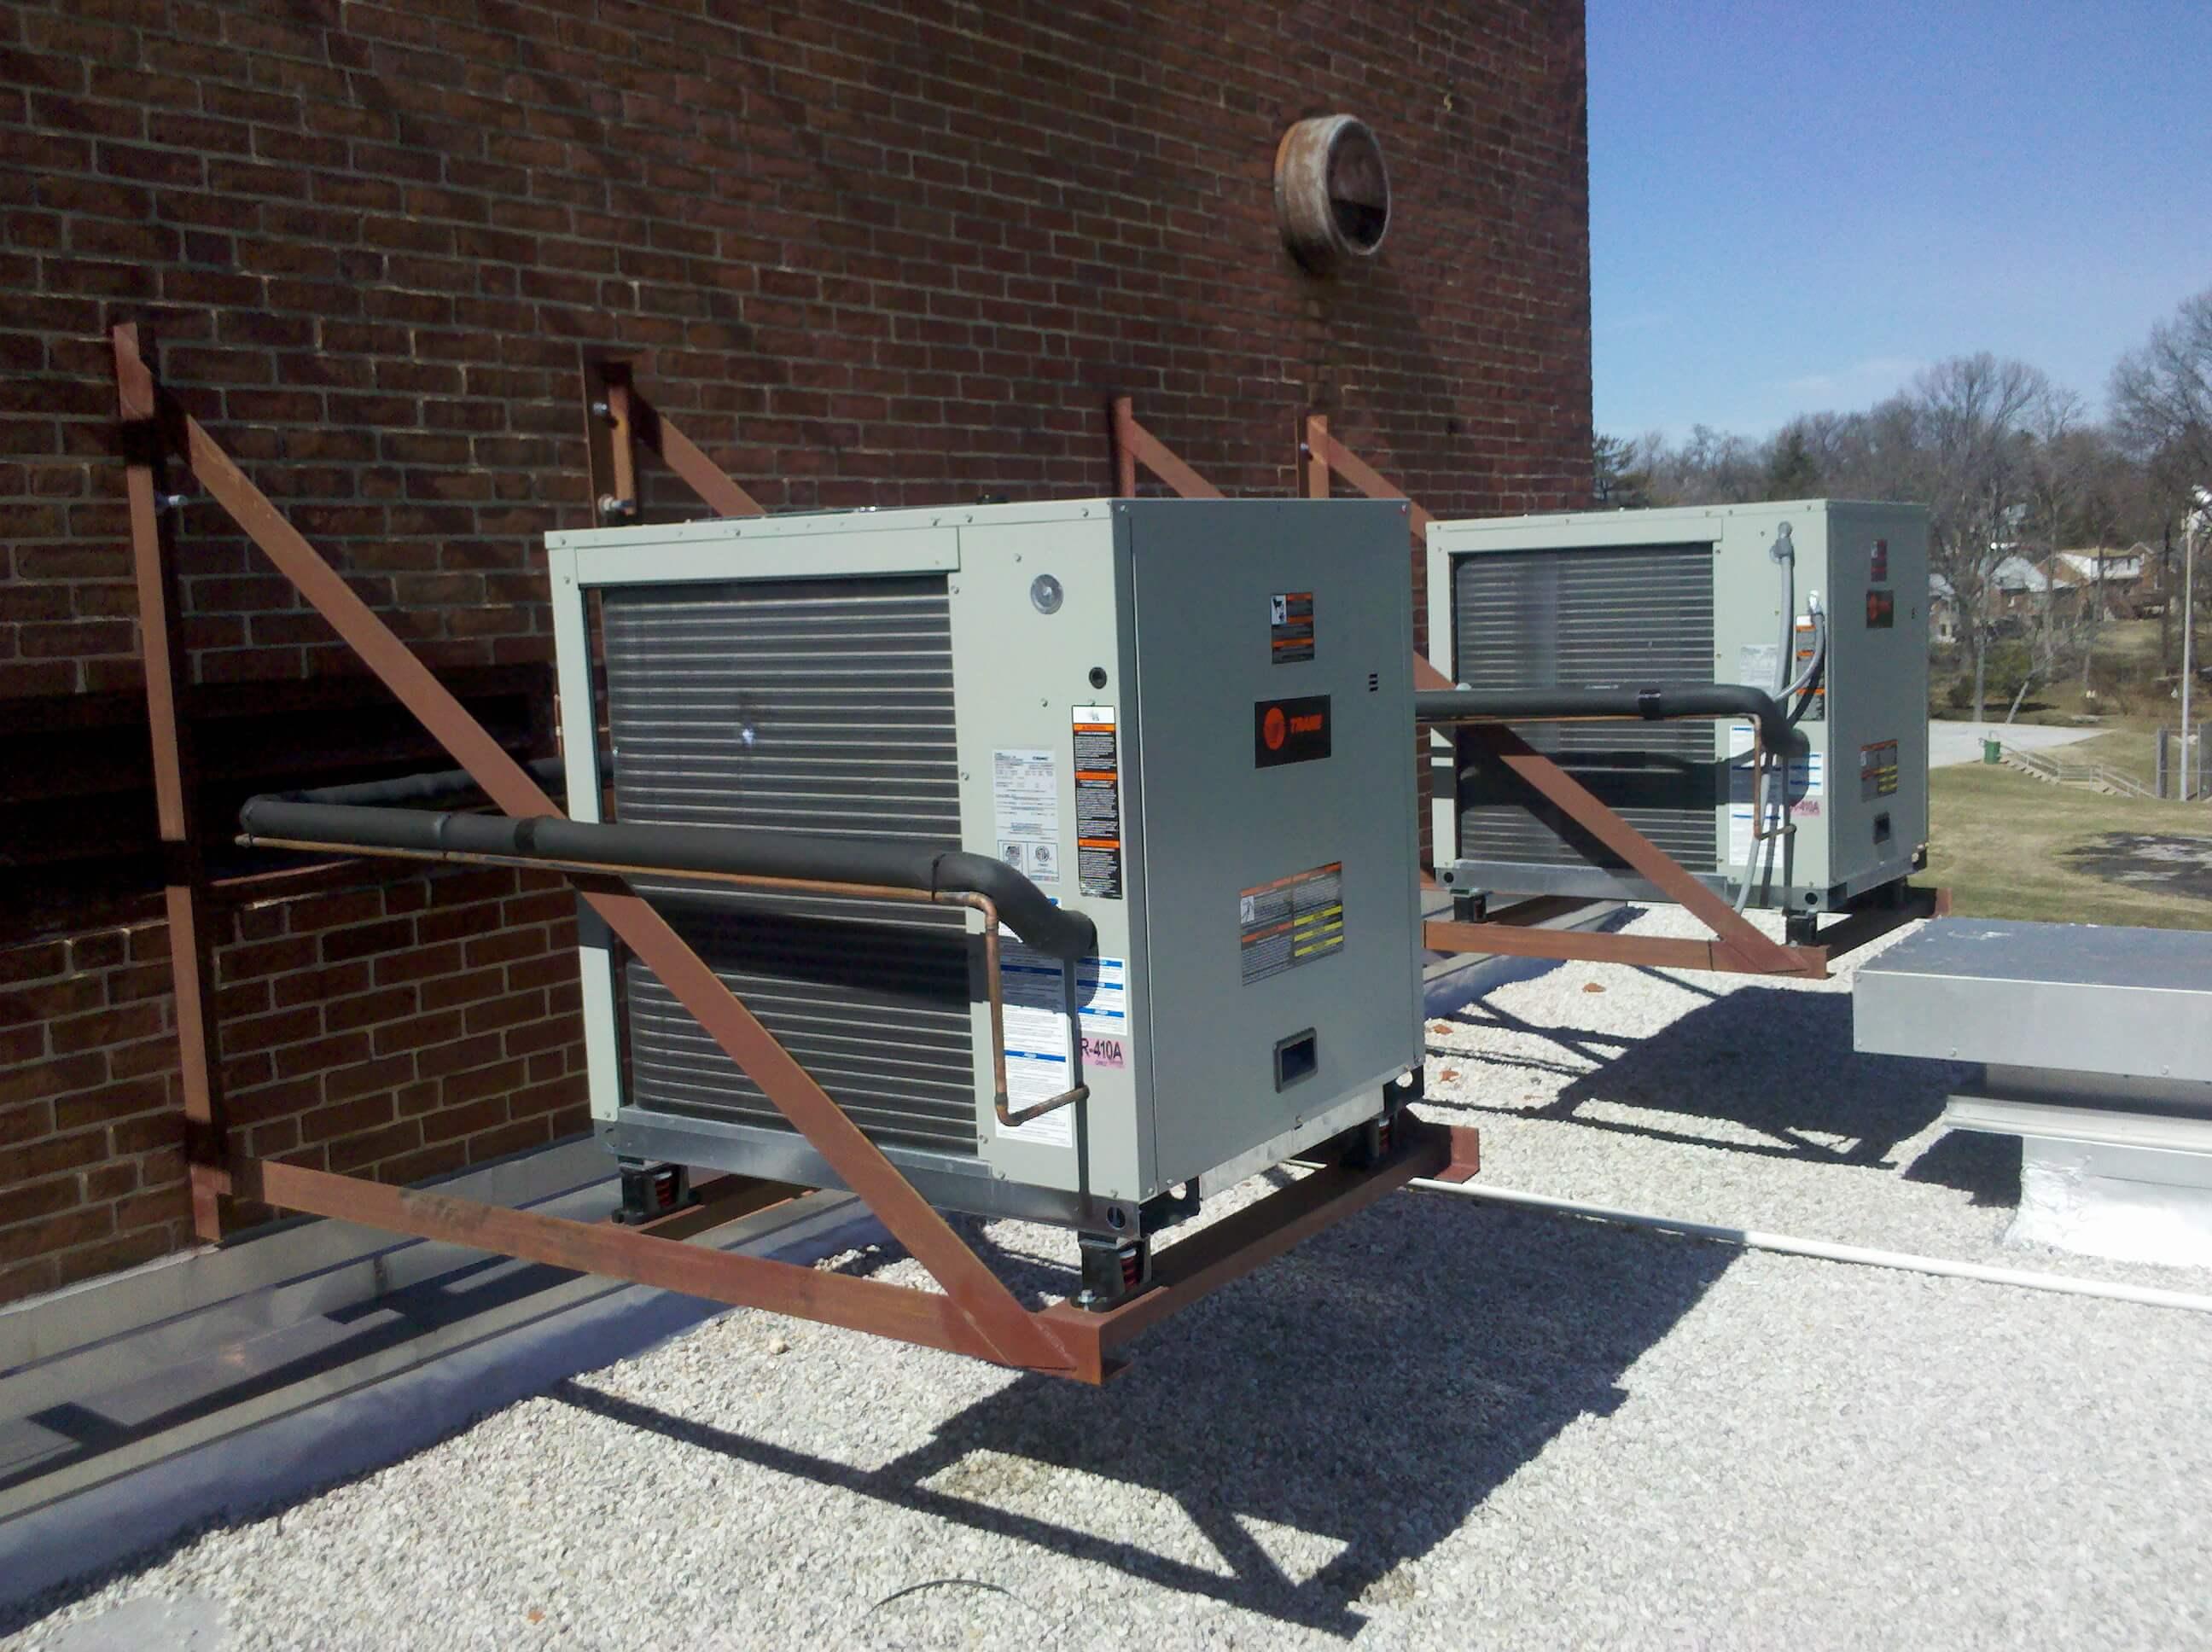 HVAC units outside